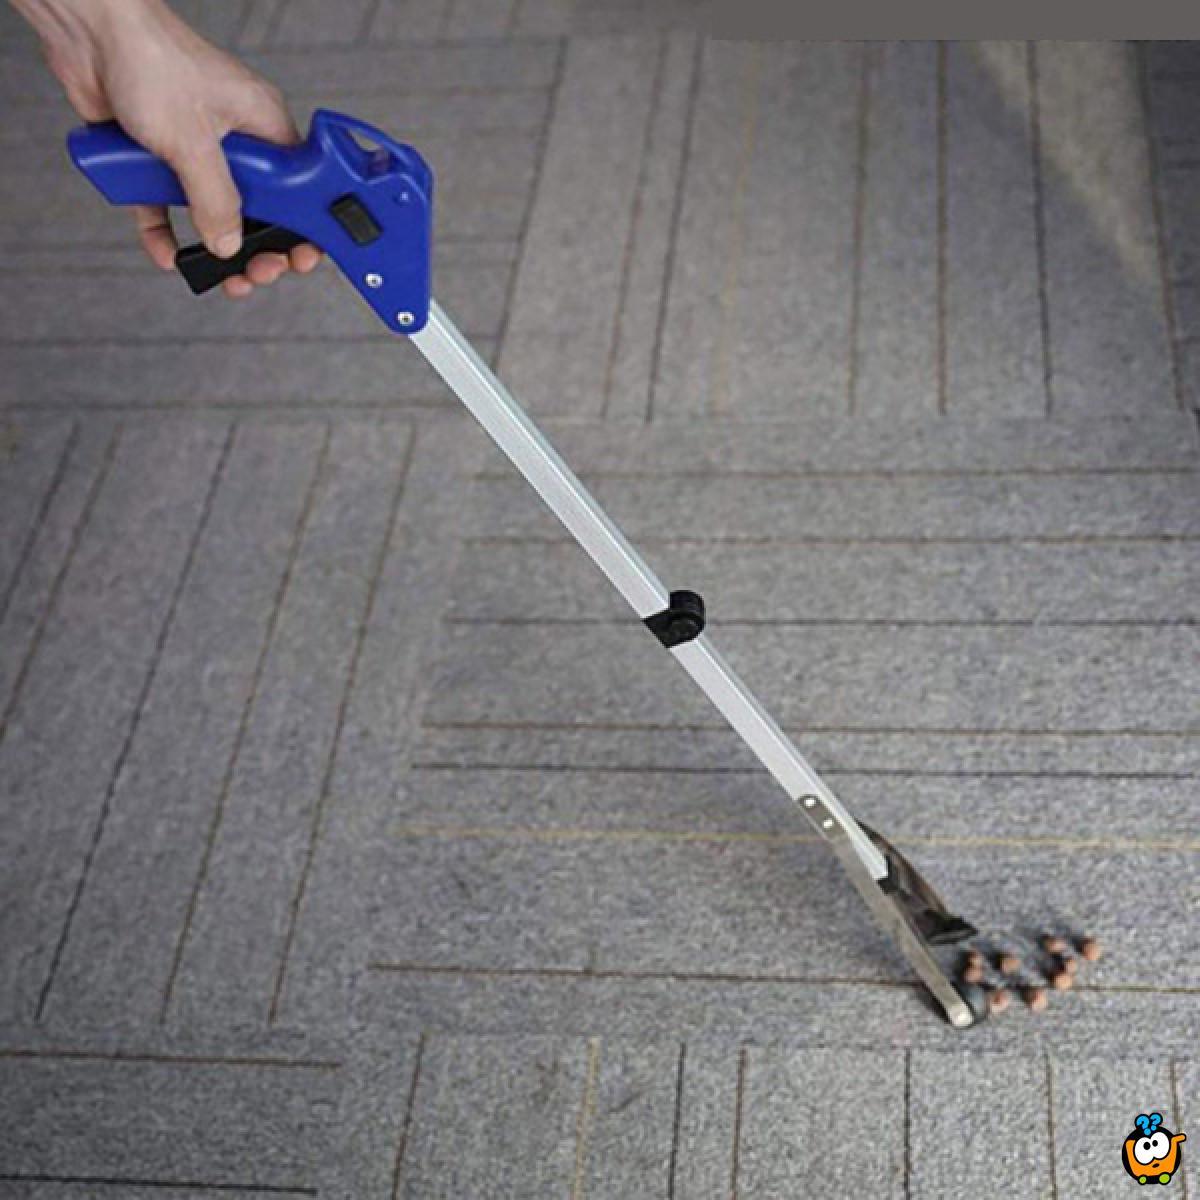 GRAB IT - Super pomagalo za hvatanje predmeta